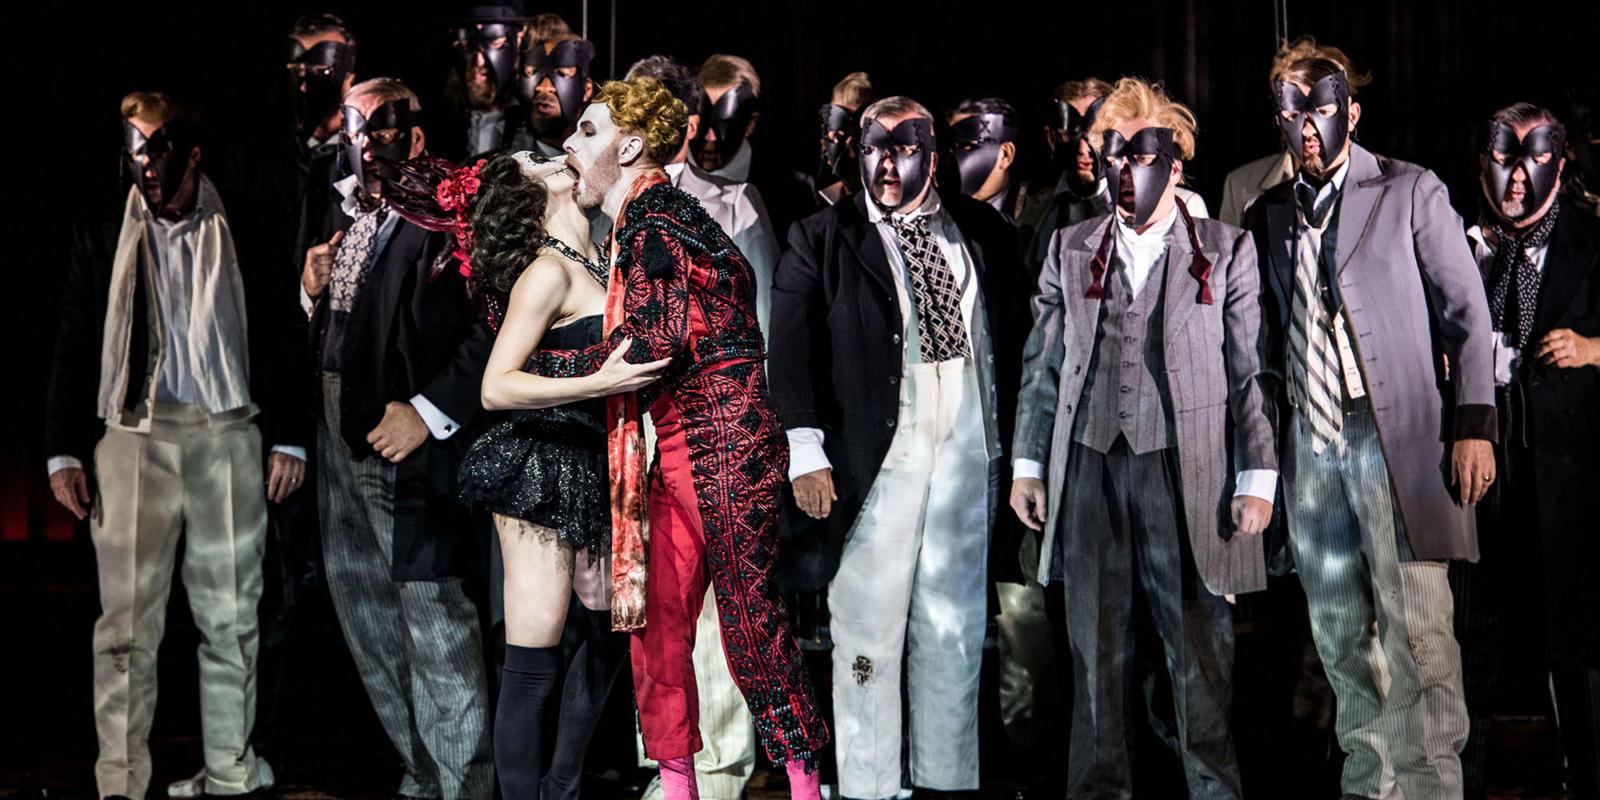 La-traviata_Stanek-Brandt-Chor-®-Sandra-Then